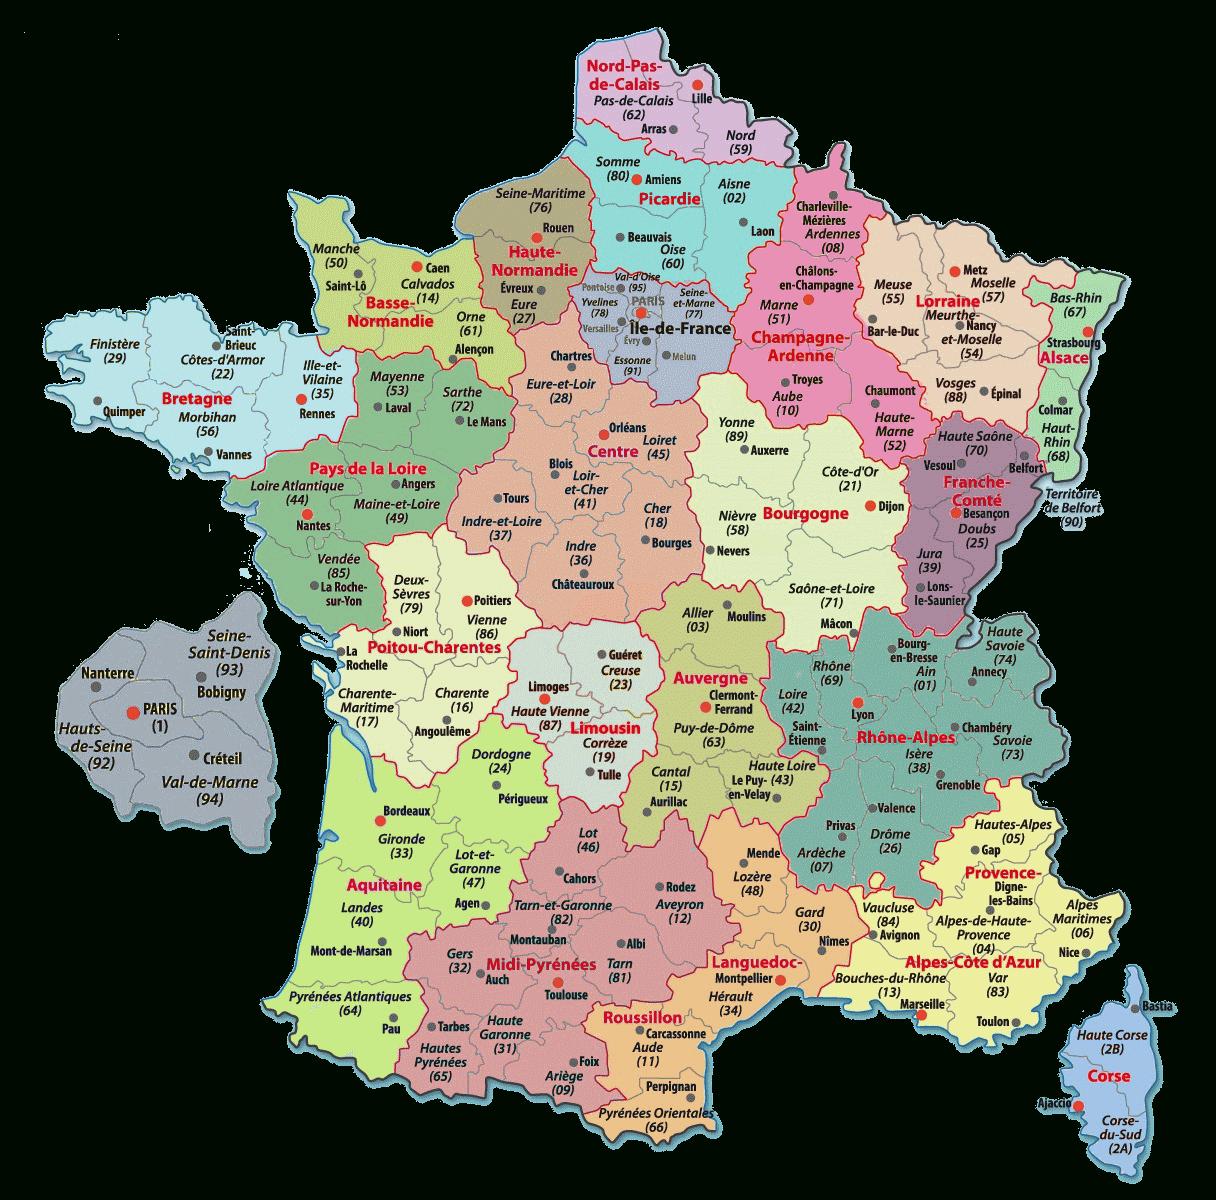 Carte De France Departements : Carte Des Départements De France tout Carte De France À Imprimer Gratuit